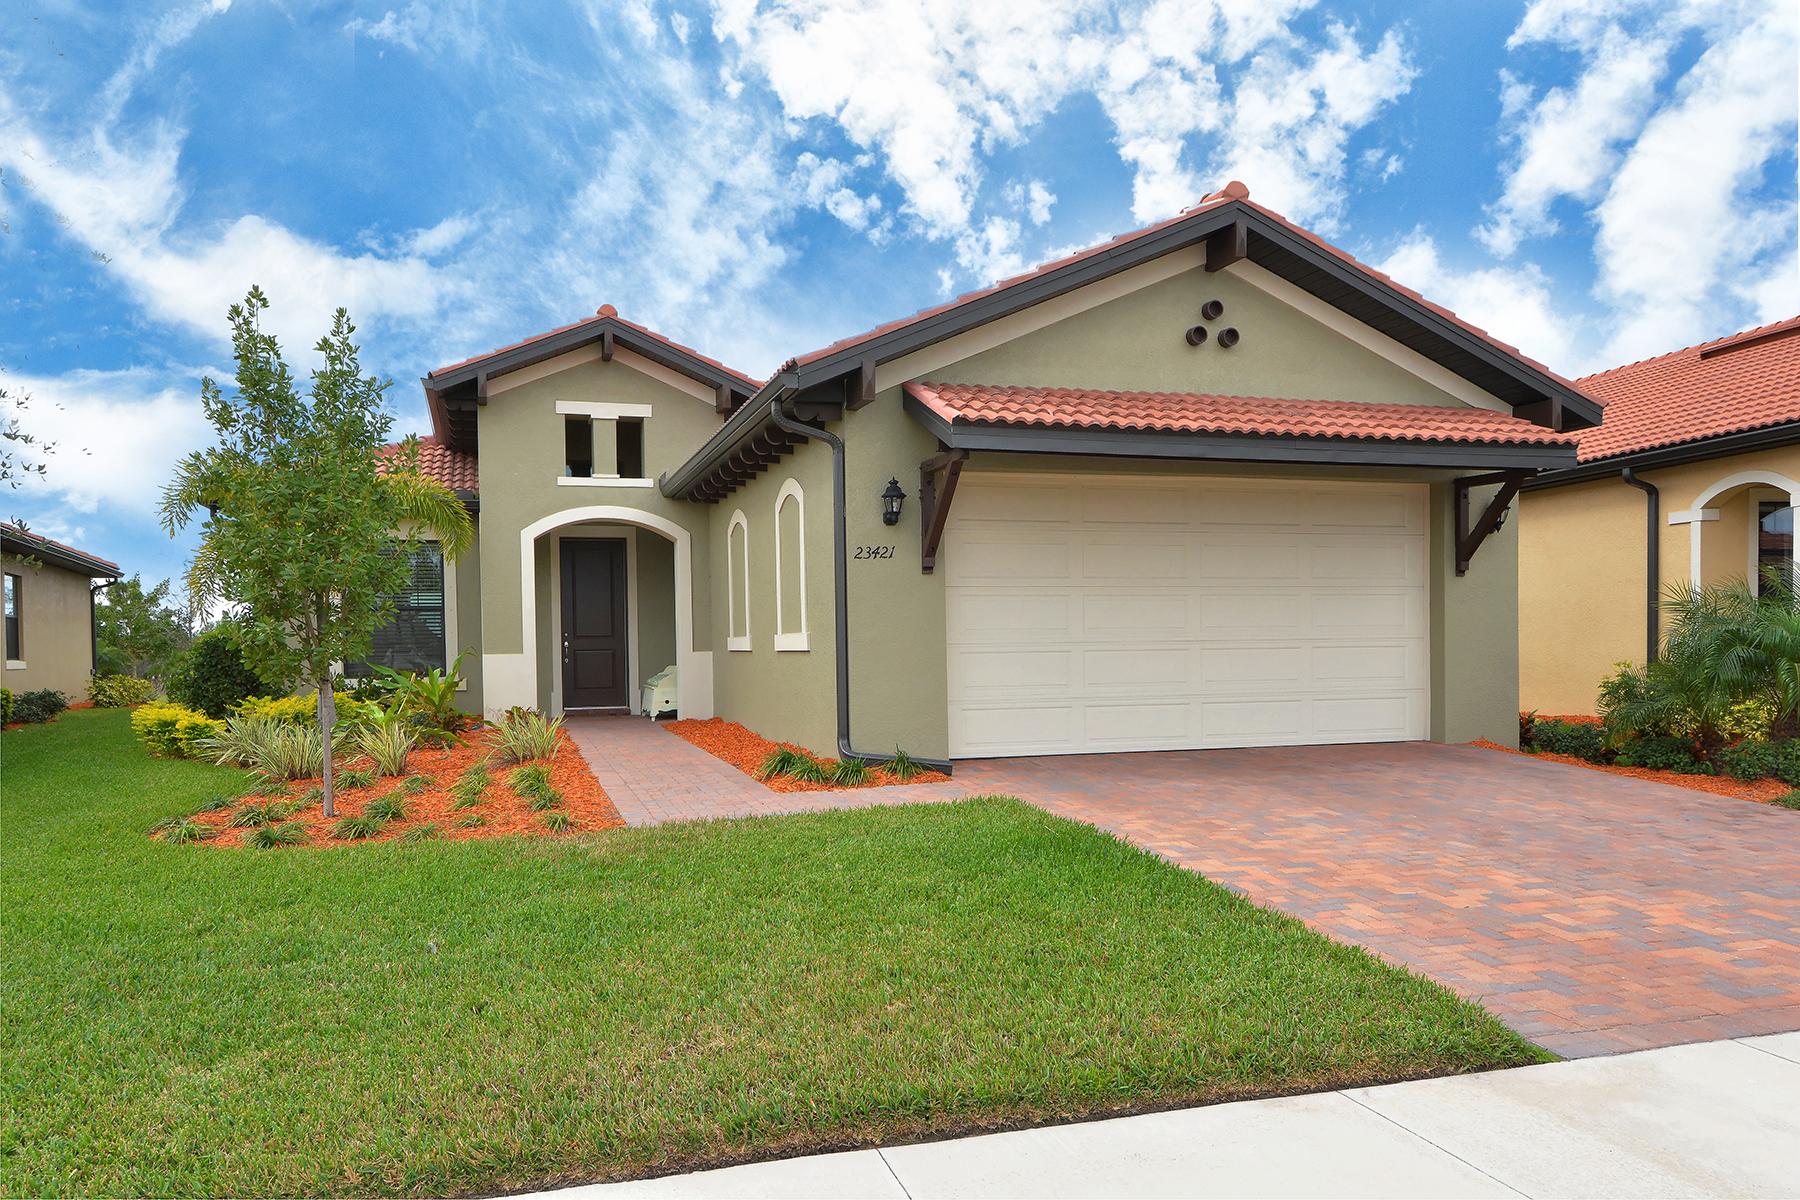 Casa para uma família para Venda às SARASOTA NATIONAL 23421 Copperleaf Dr Venice, Florida, 34293 Estados Unidos